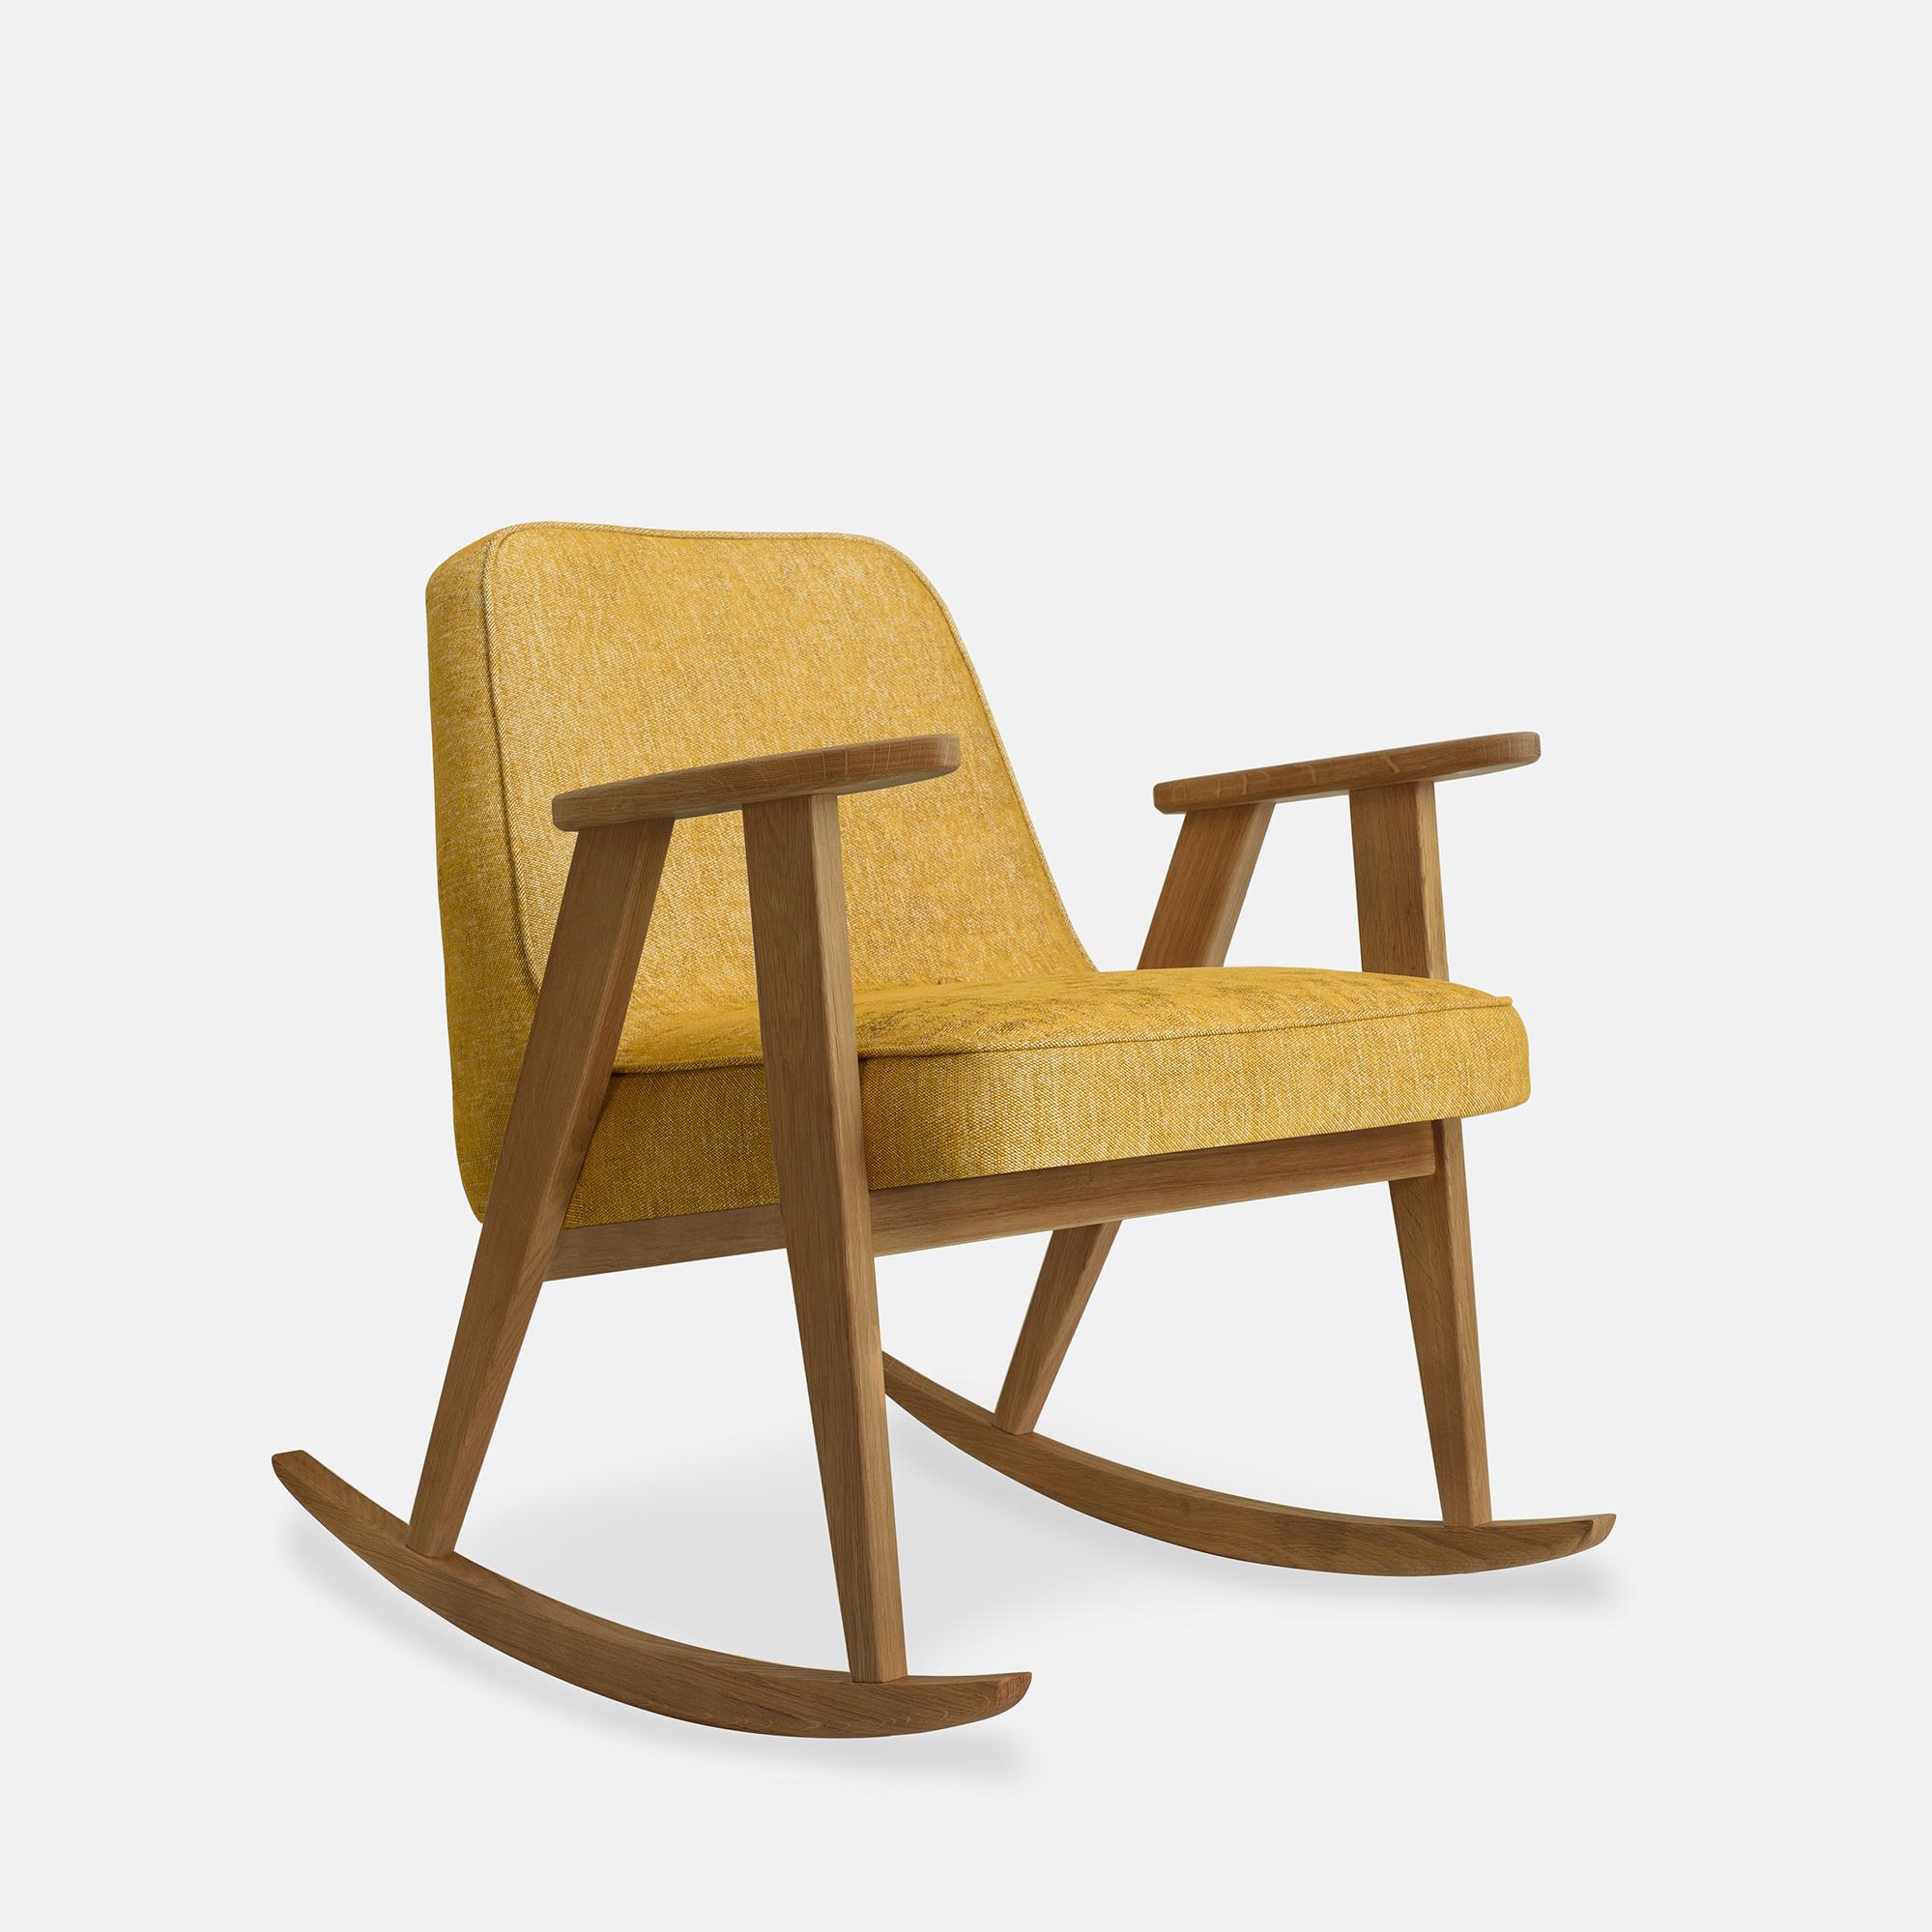 366-Concept-366-Rocking-Chair-W03-Loft-Mustard